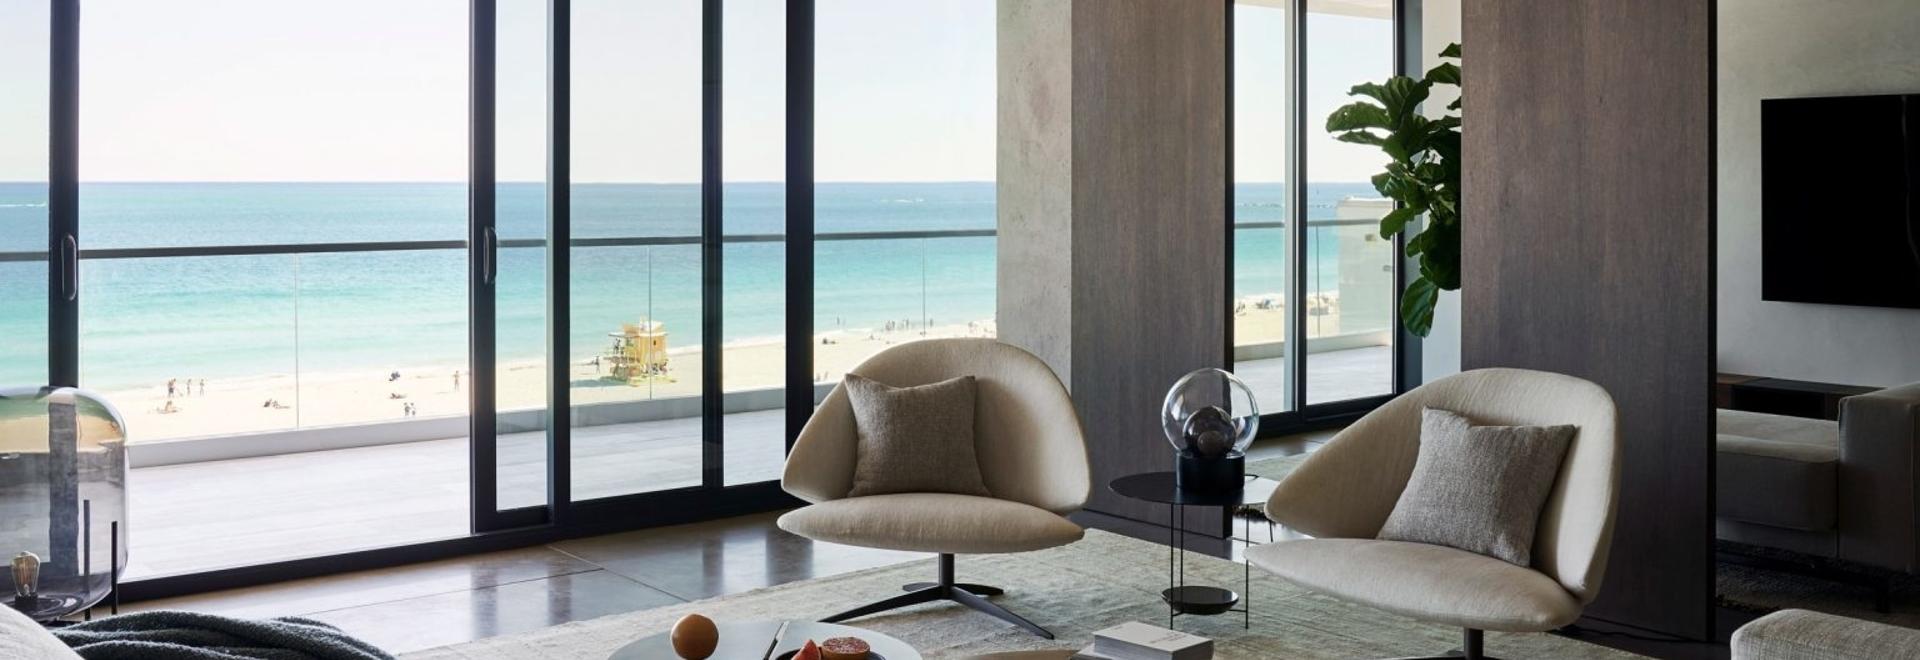 MW Works verwendet dunkles Holz und sandige Wände für die Innenräume des Ocean Drive-Apartments in Miami Beach